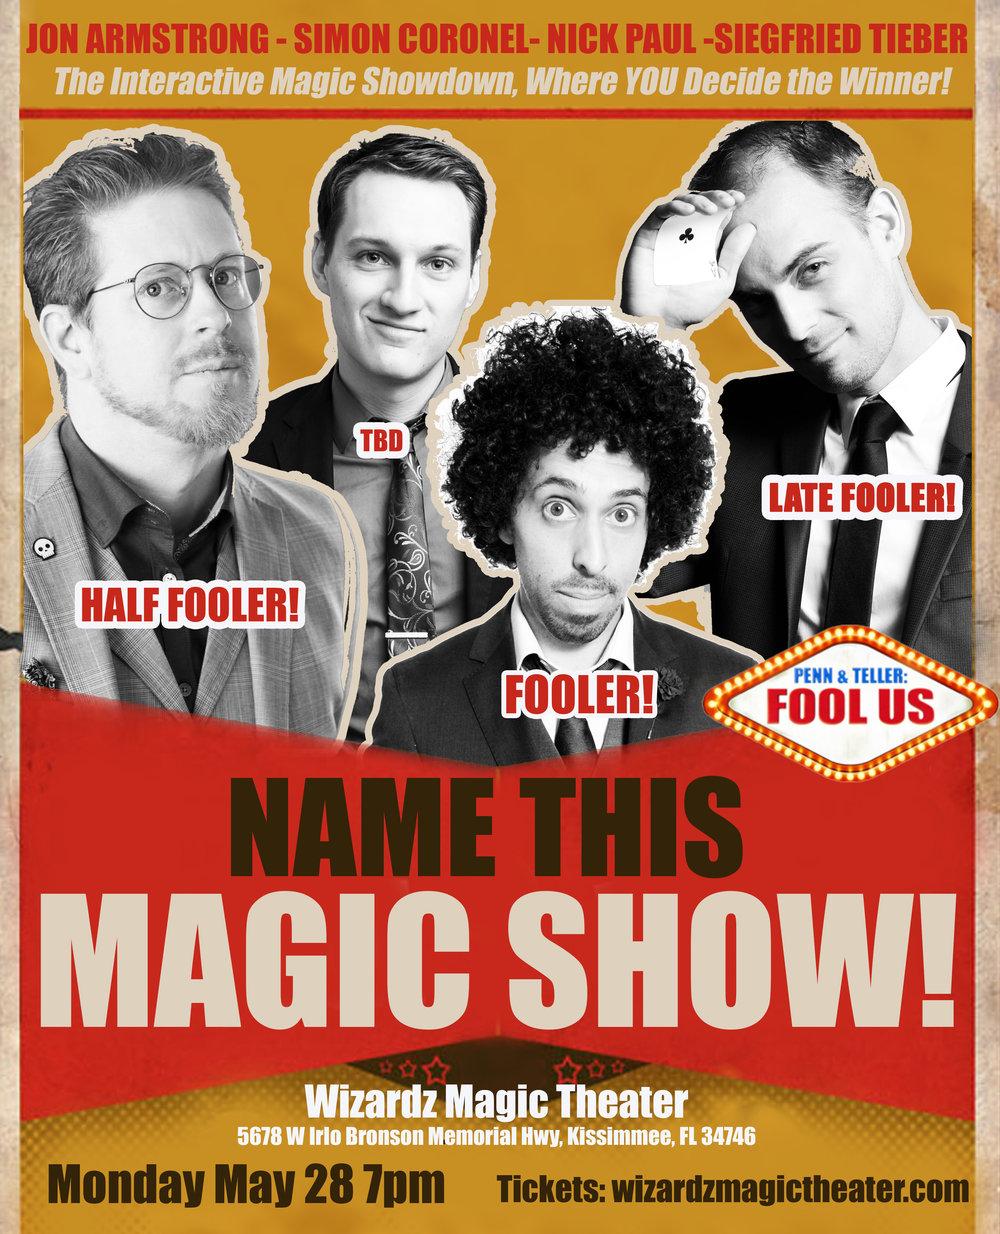 Name this magic show